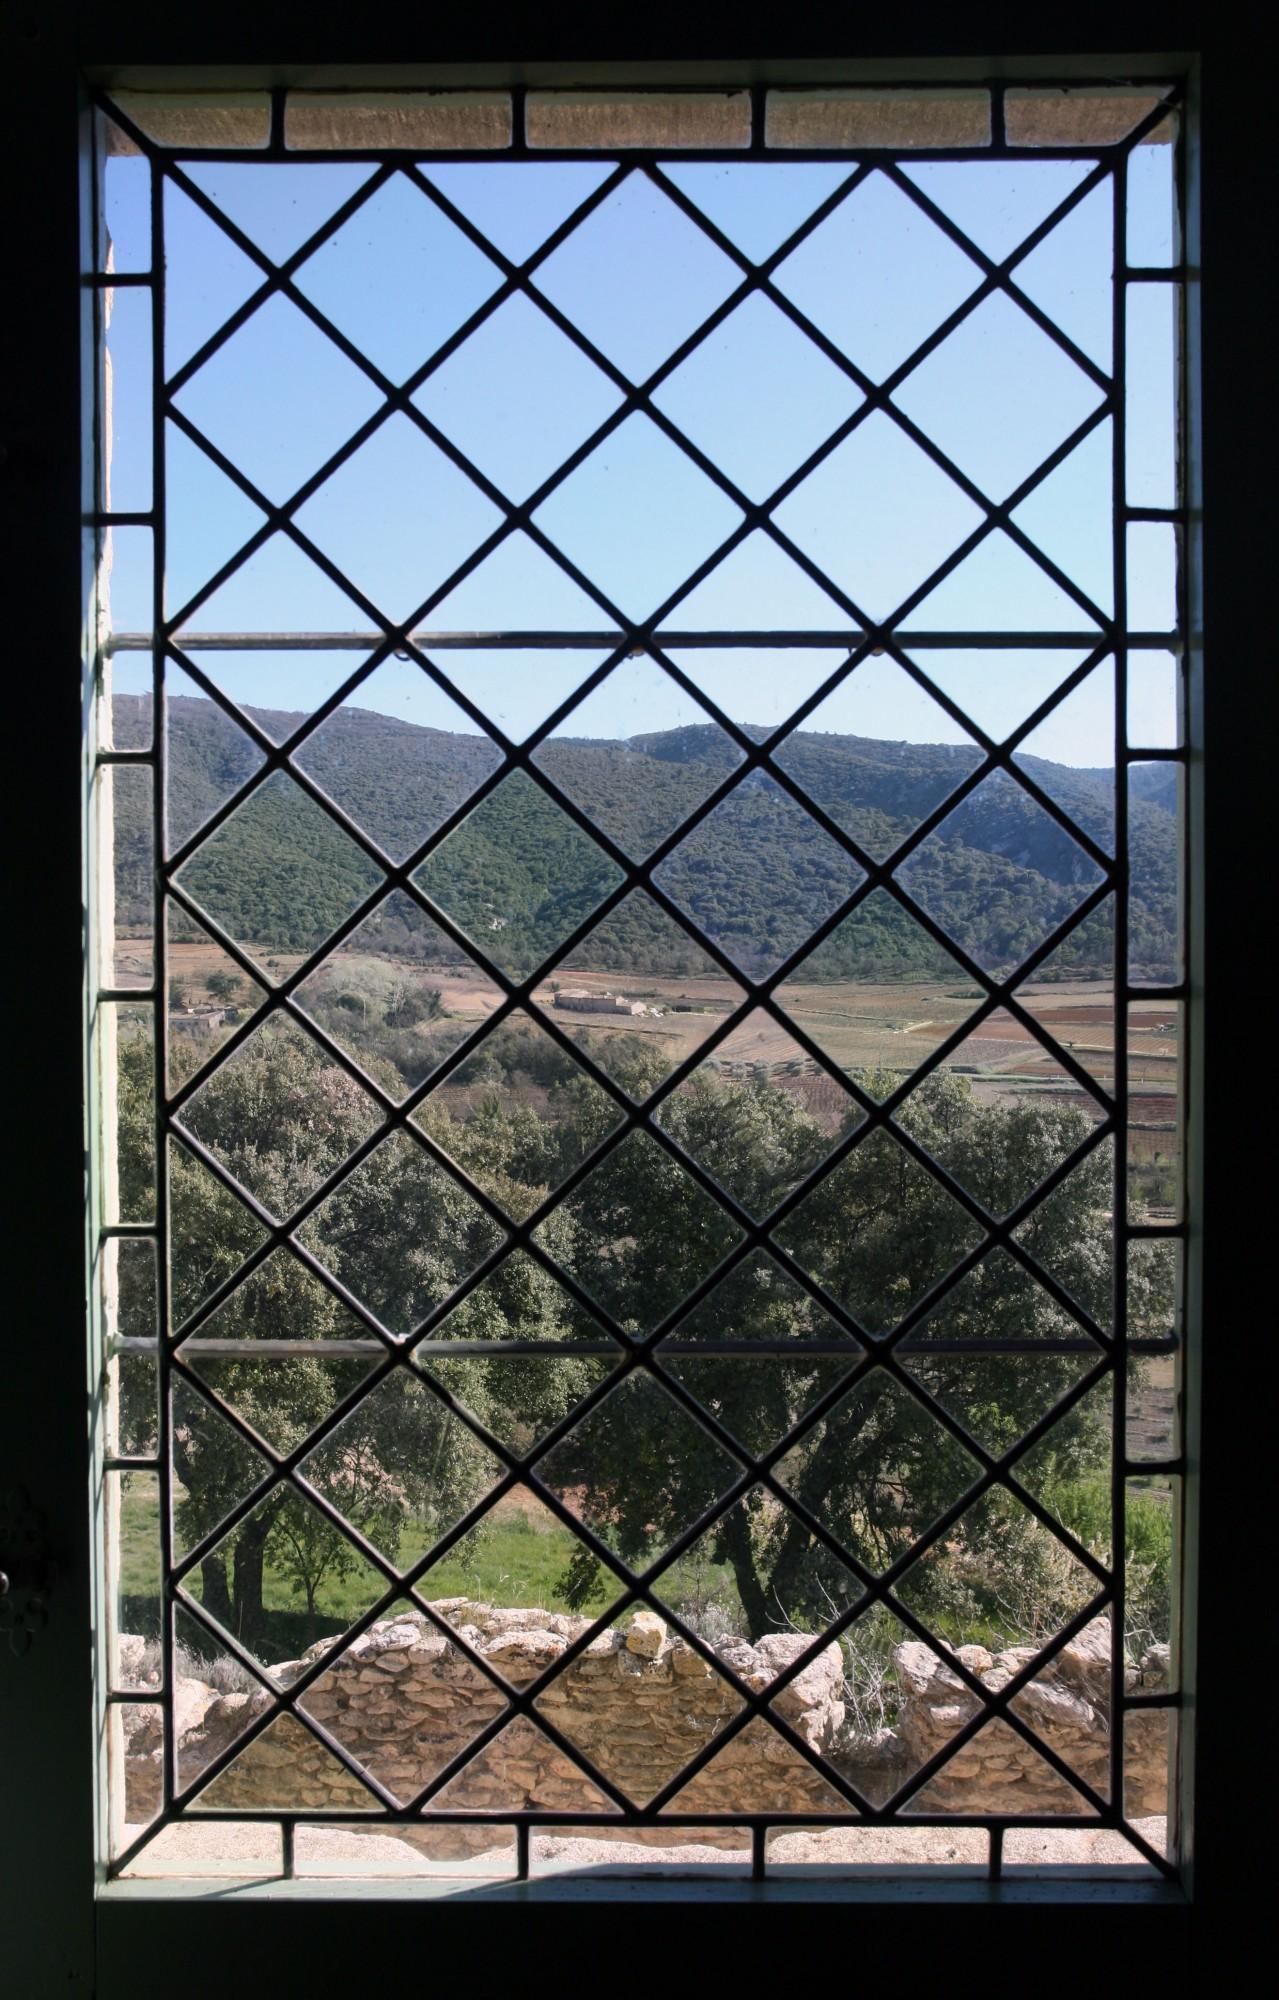 Vue de puis la salle capitulaire, Abbaye Saint-Hilaire, Ménerbes, Vaucluse